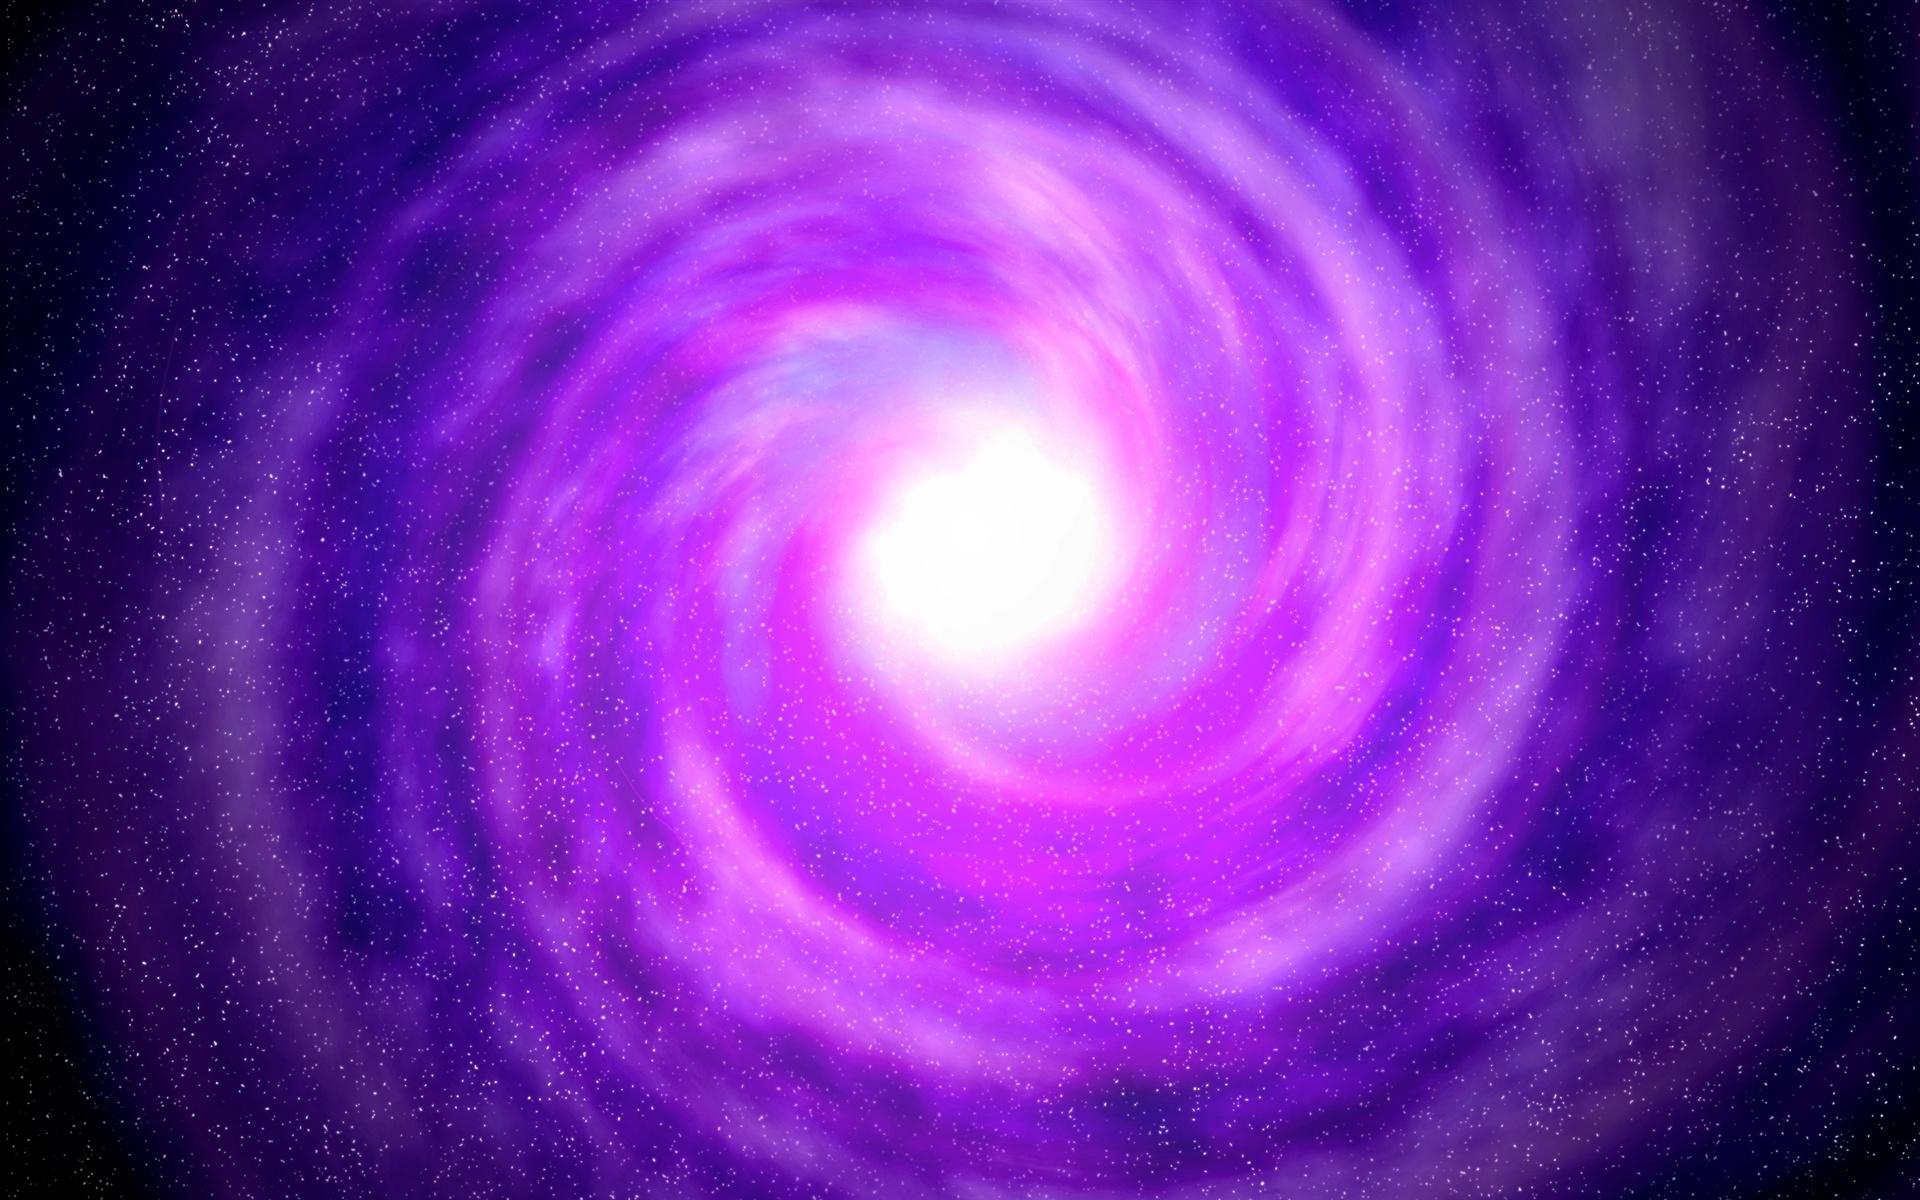 fonds d 39 cran violet l 39 espace trou noir toiles 2560x1600 hd image. Black Bedroom Furniture Sets. Home Design Ideas